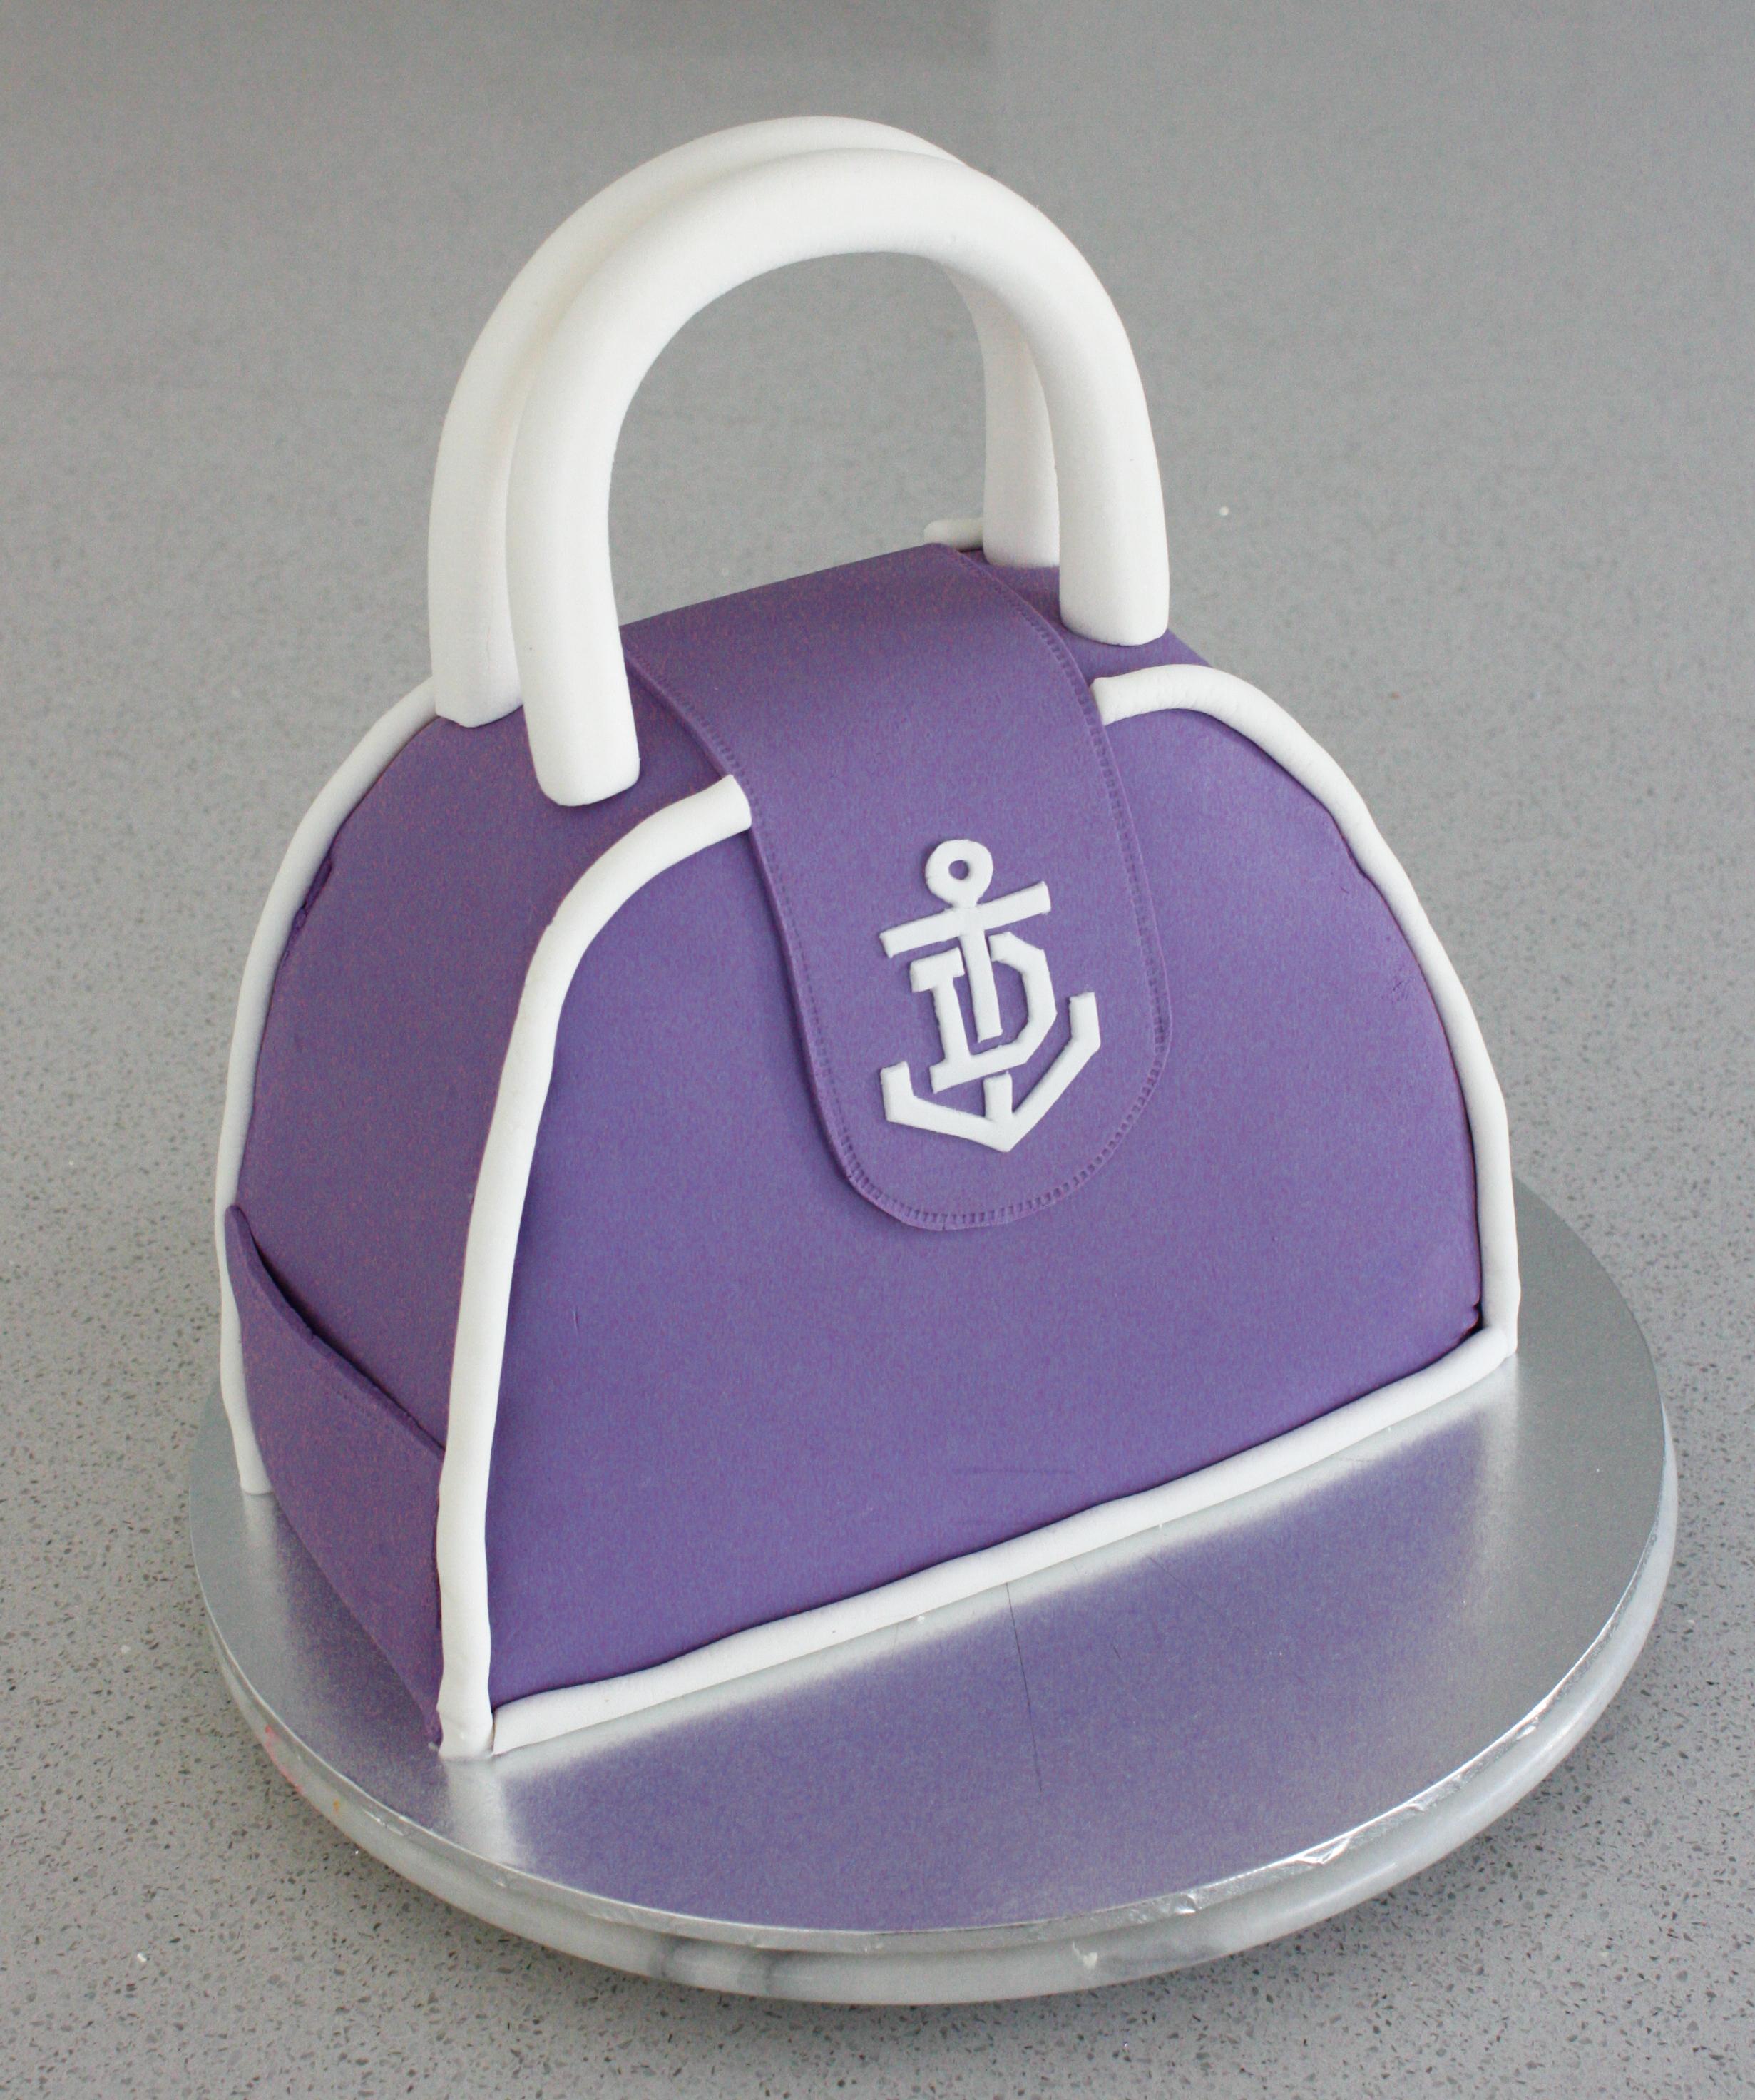 Freo Handbag Cake